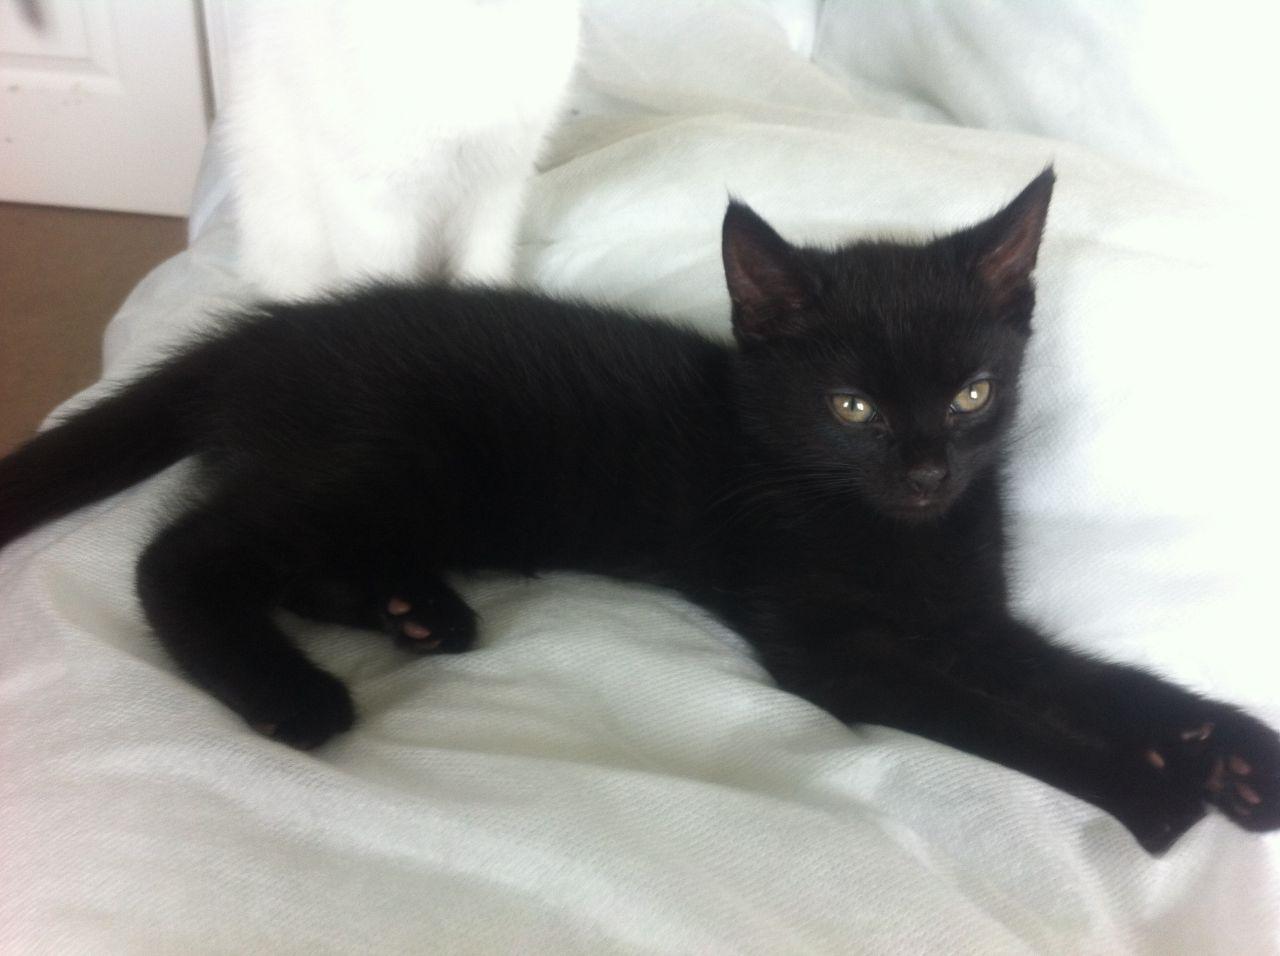 Bestiario de Personajes 9-week-old-female-black-kitten-for-sale-in-wigan-51f910c6a18ff